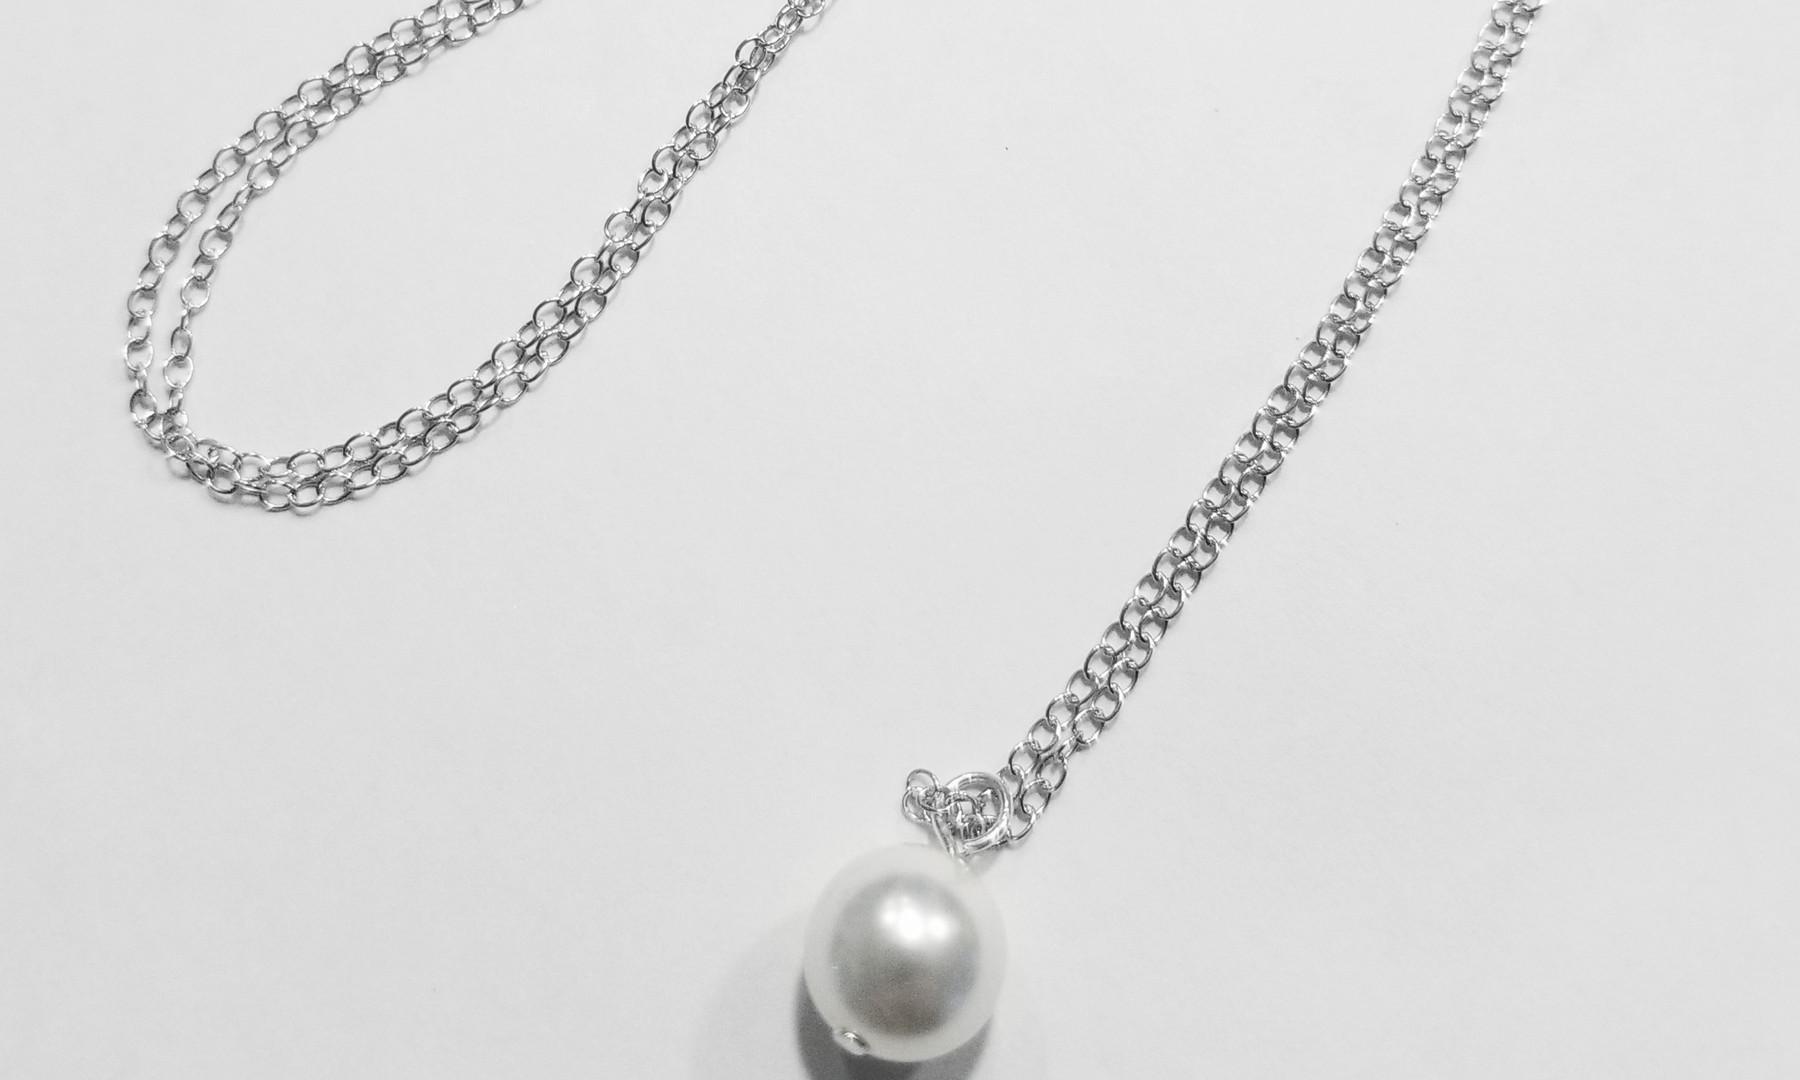 Pearl or Swarovski Bridal Necklace 02_St